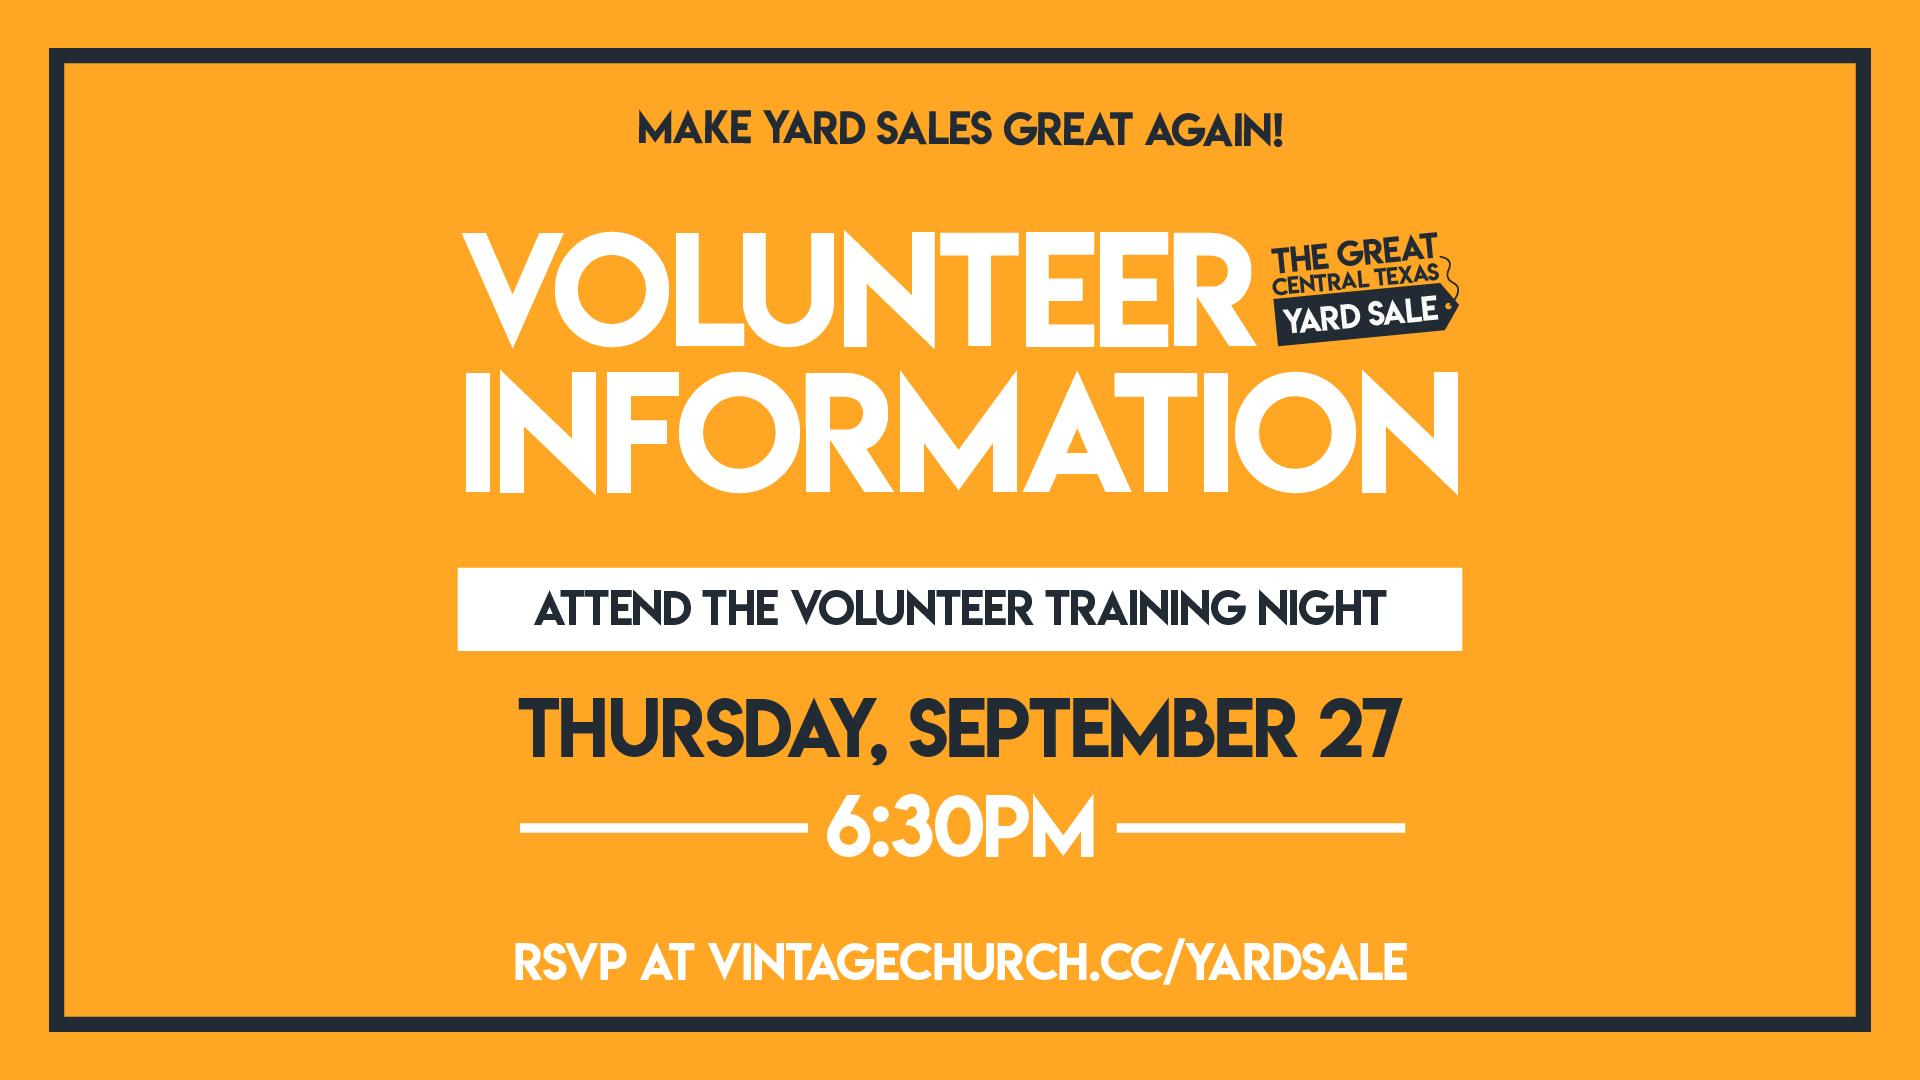 The Great Central Texas Yard Sale - Volunteer Slide.jpg